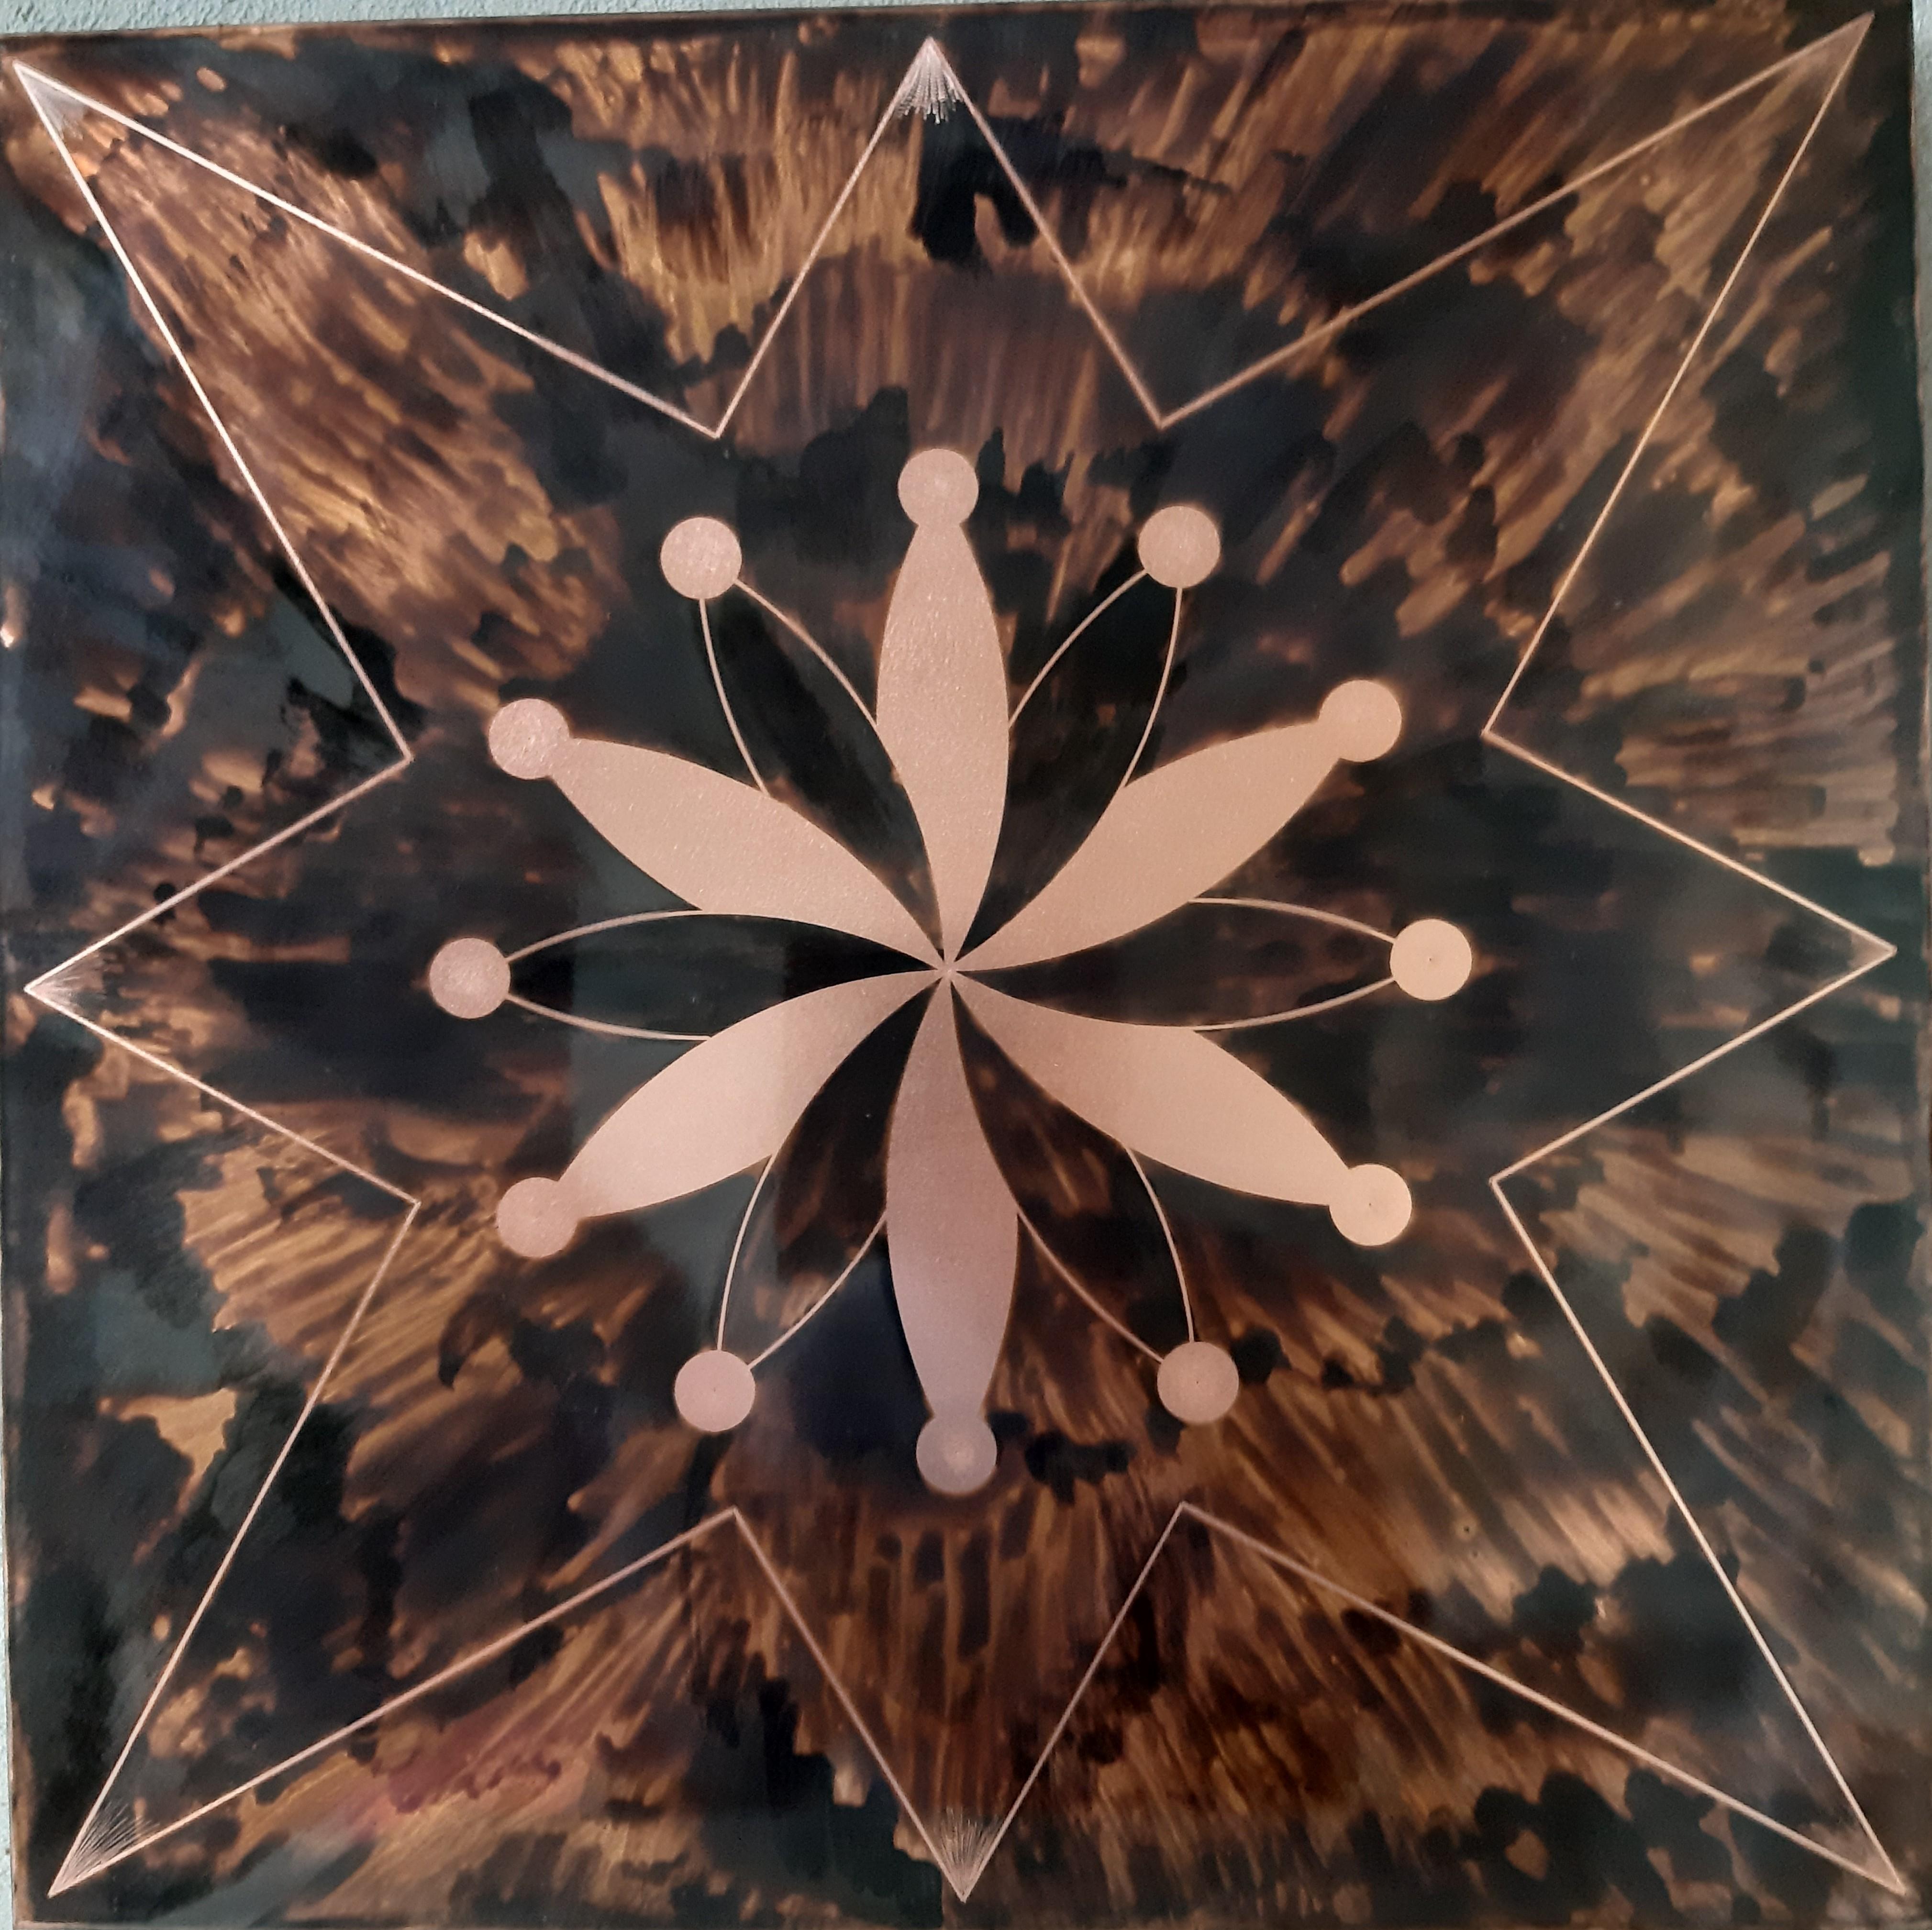 Tableau cuivre, décoration murale, création vibratoire